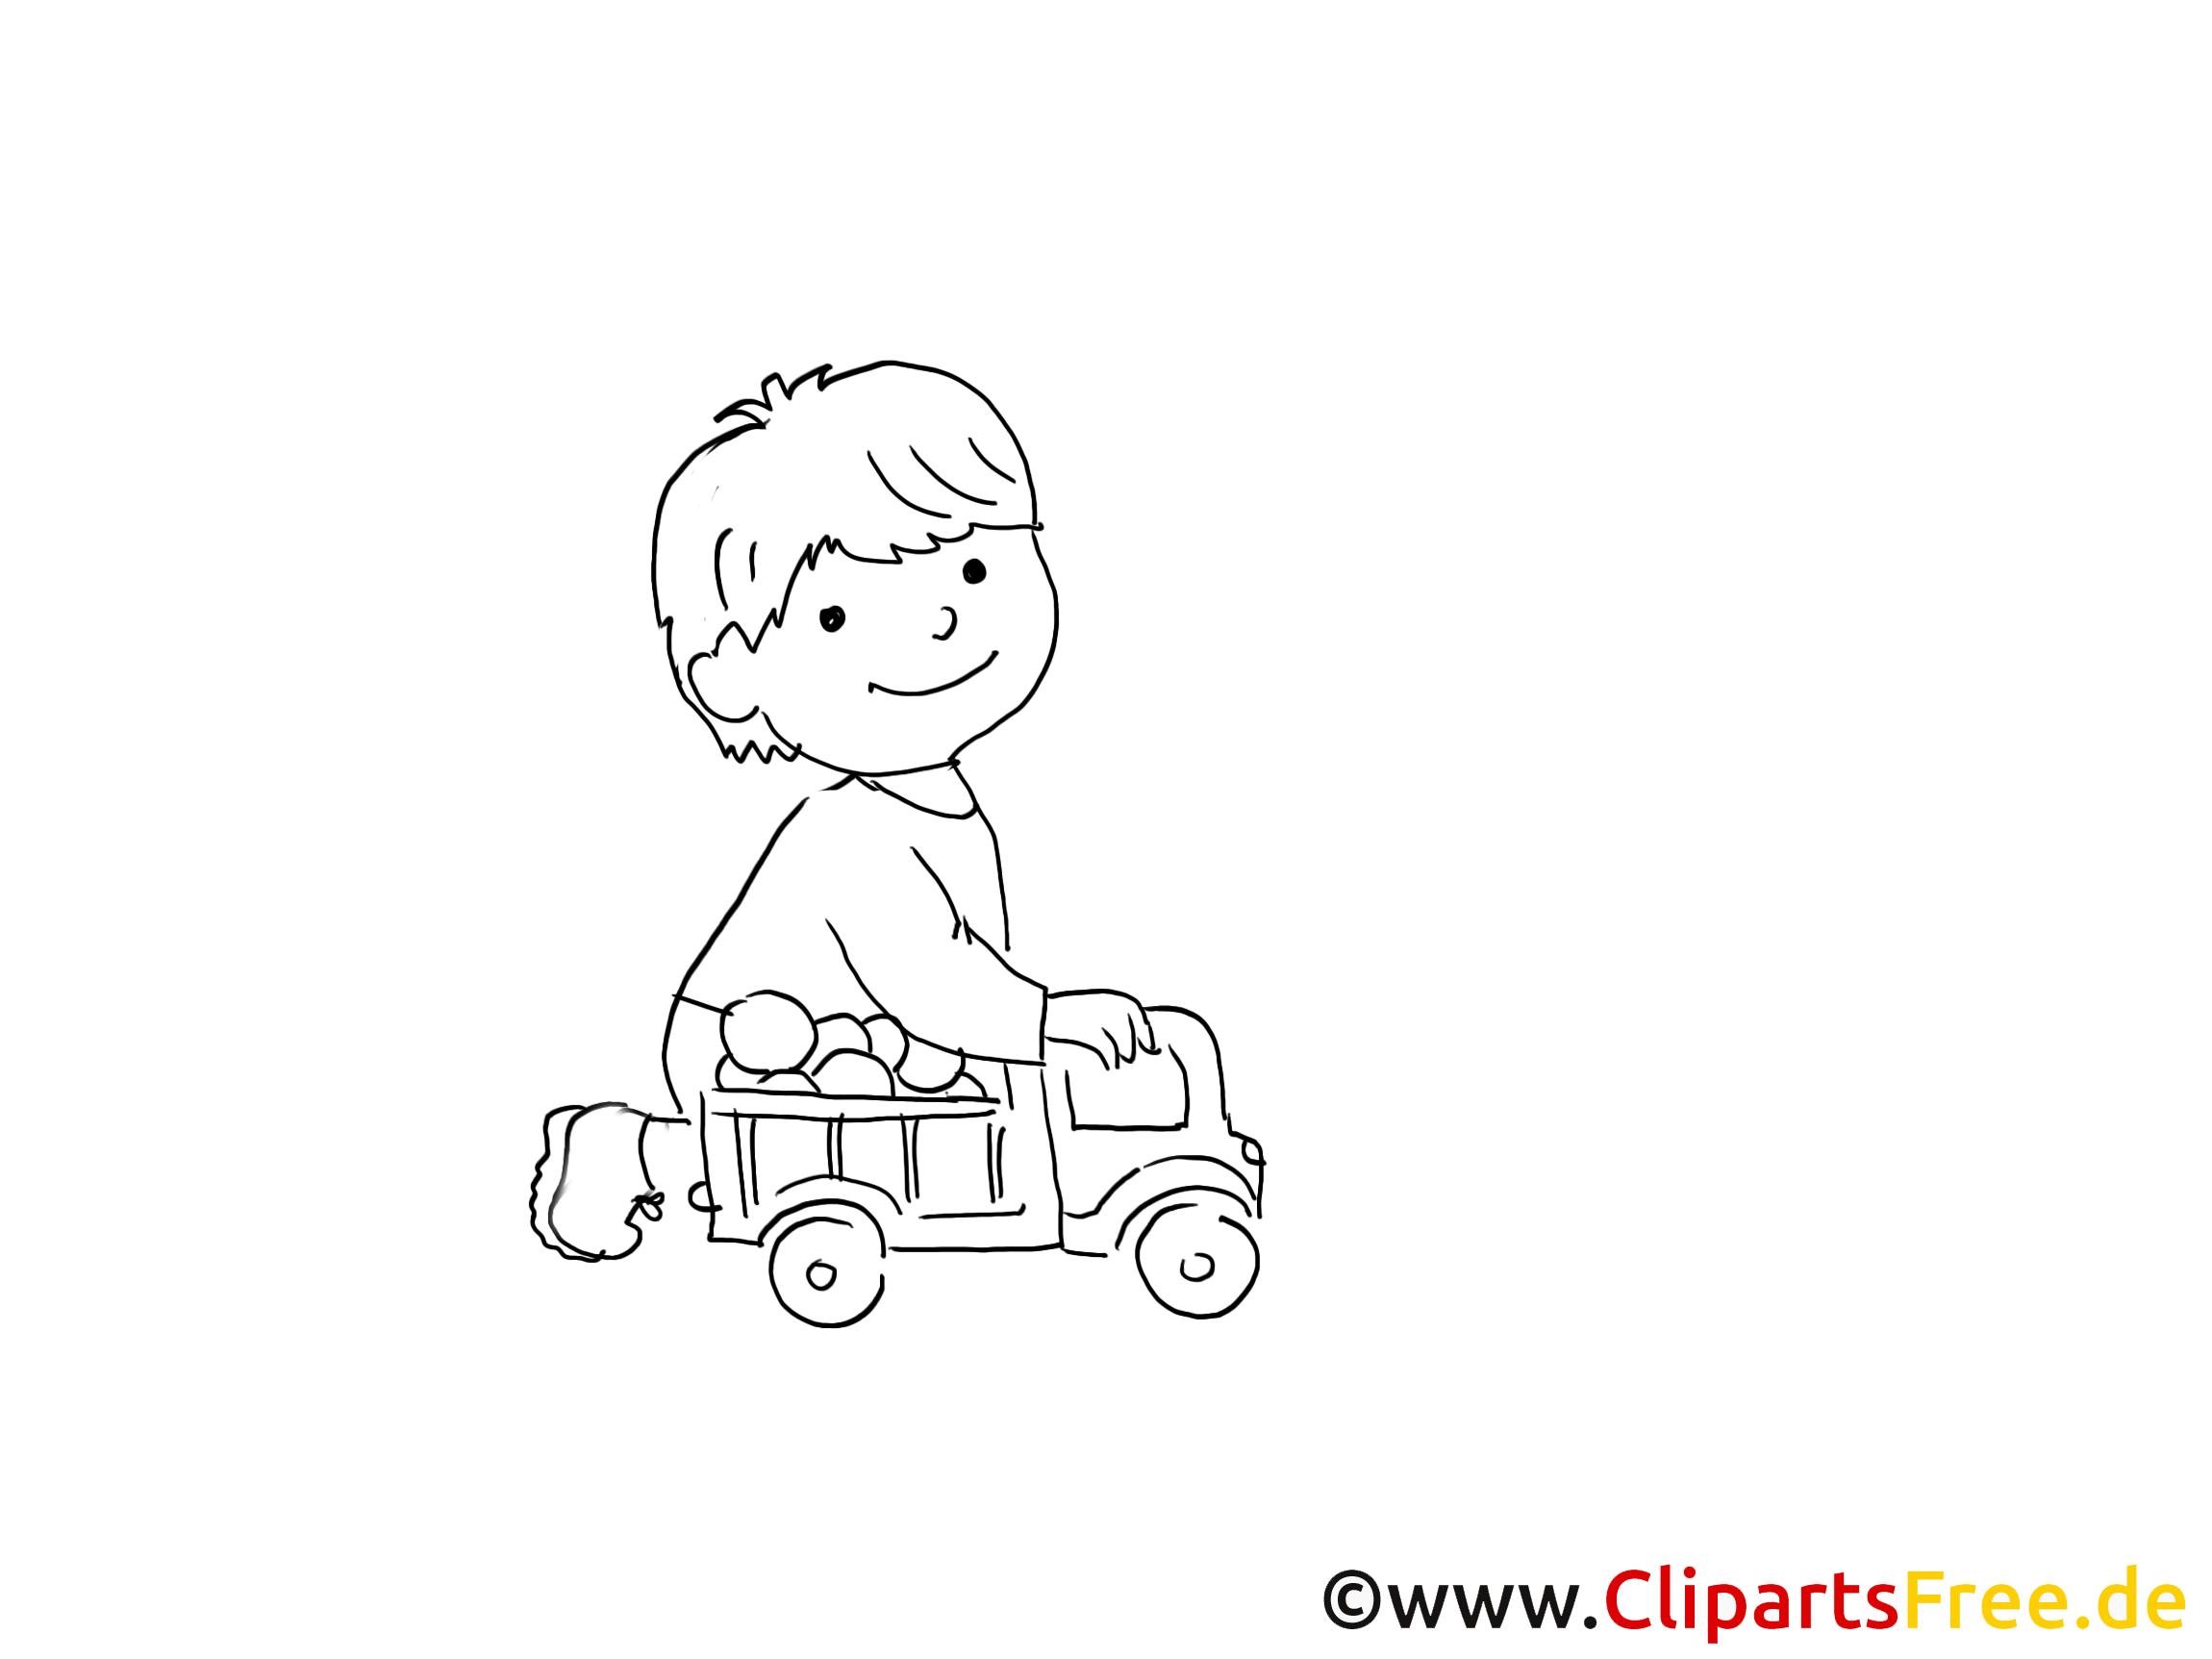 Einladung clipart schwarz wei image black and white Kind spielt mit Spielzeugauto Zeichnung, Bild schwarz-weiss ... image black and white